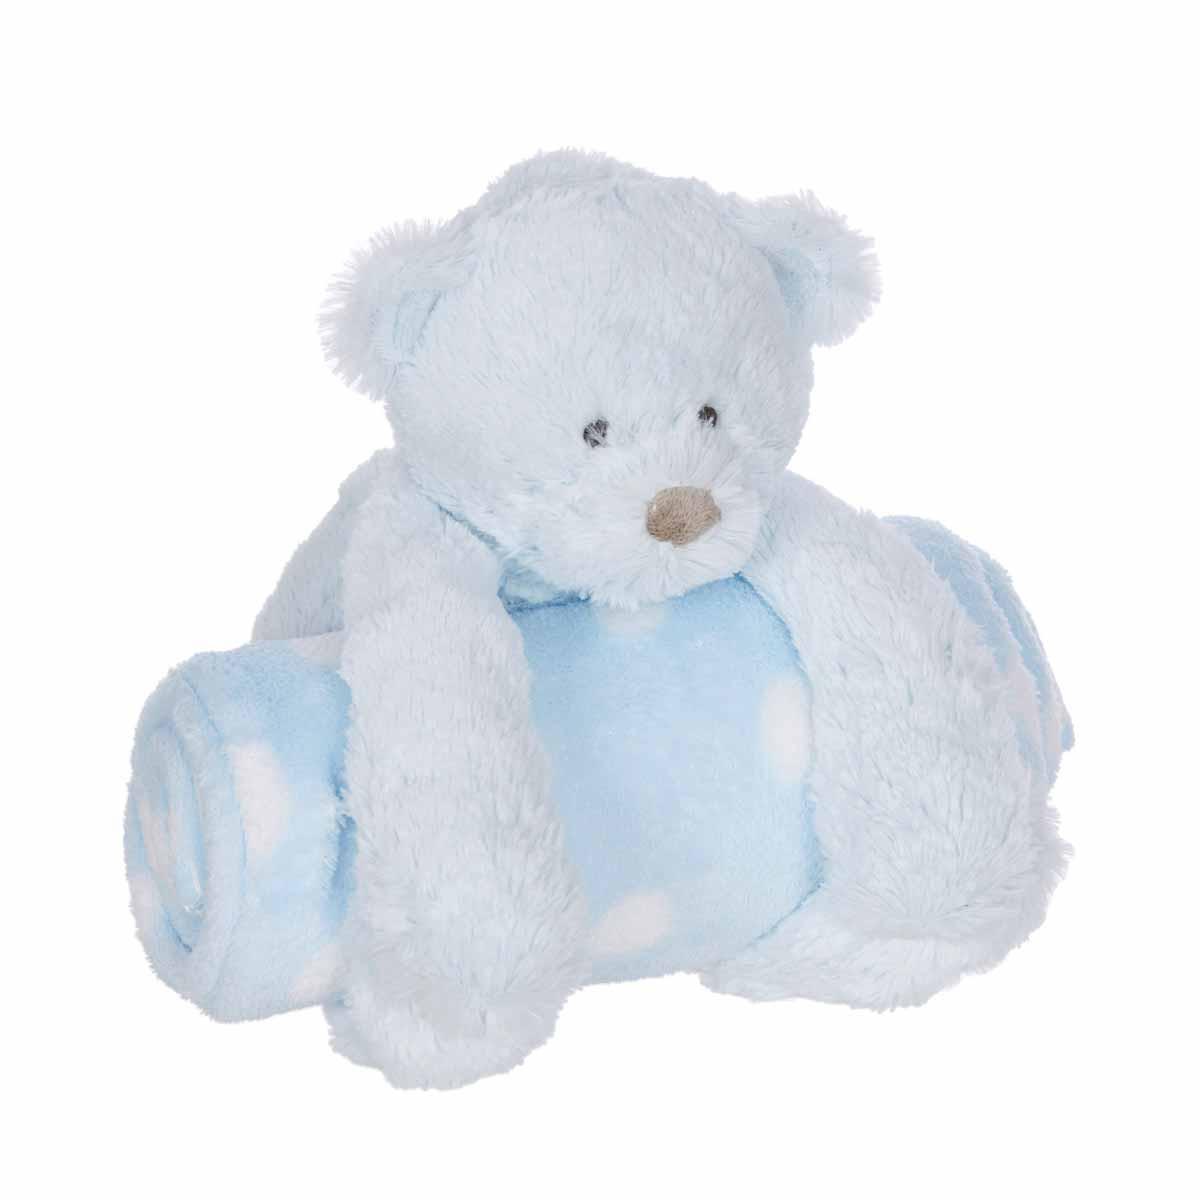 Κουβέρτα Fleece Αγκαλιάς Manon Des Pres Αρκουδάκι Σιέλ BR72949